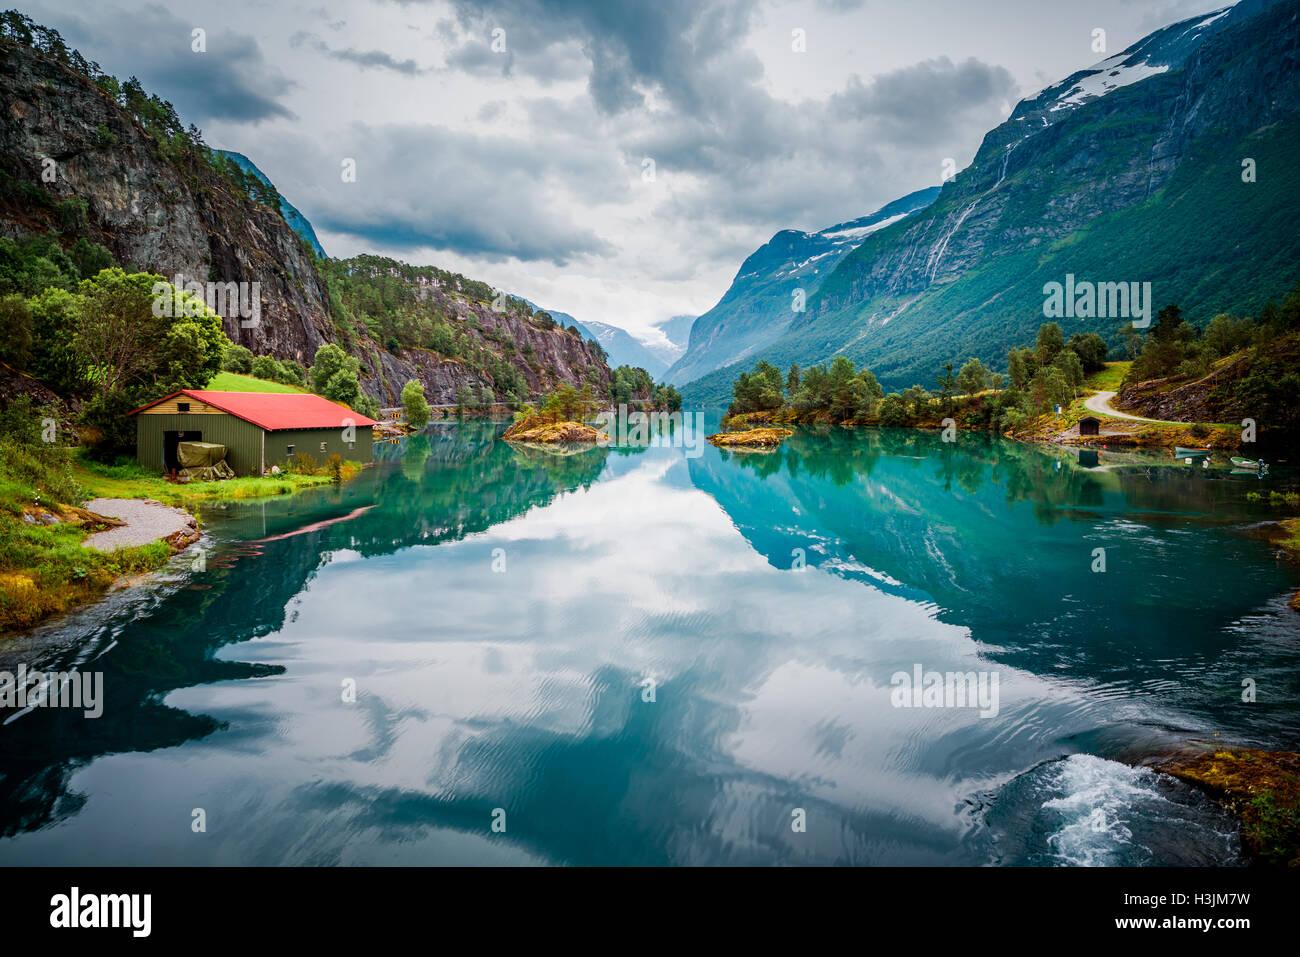 La bellissima natura della Norvegia paesaggio naturale. lovatnet lago. Immagini Stock